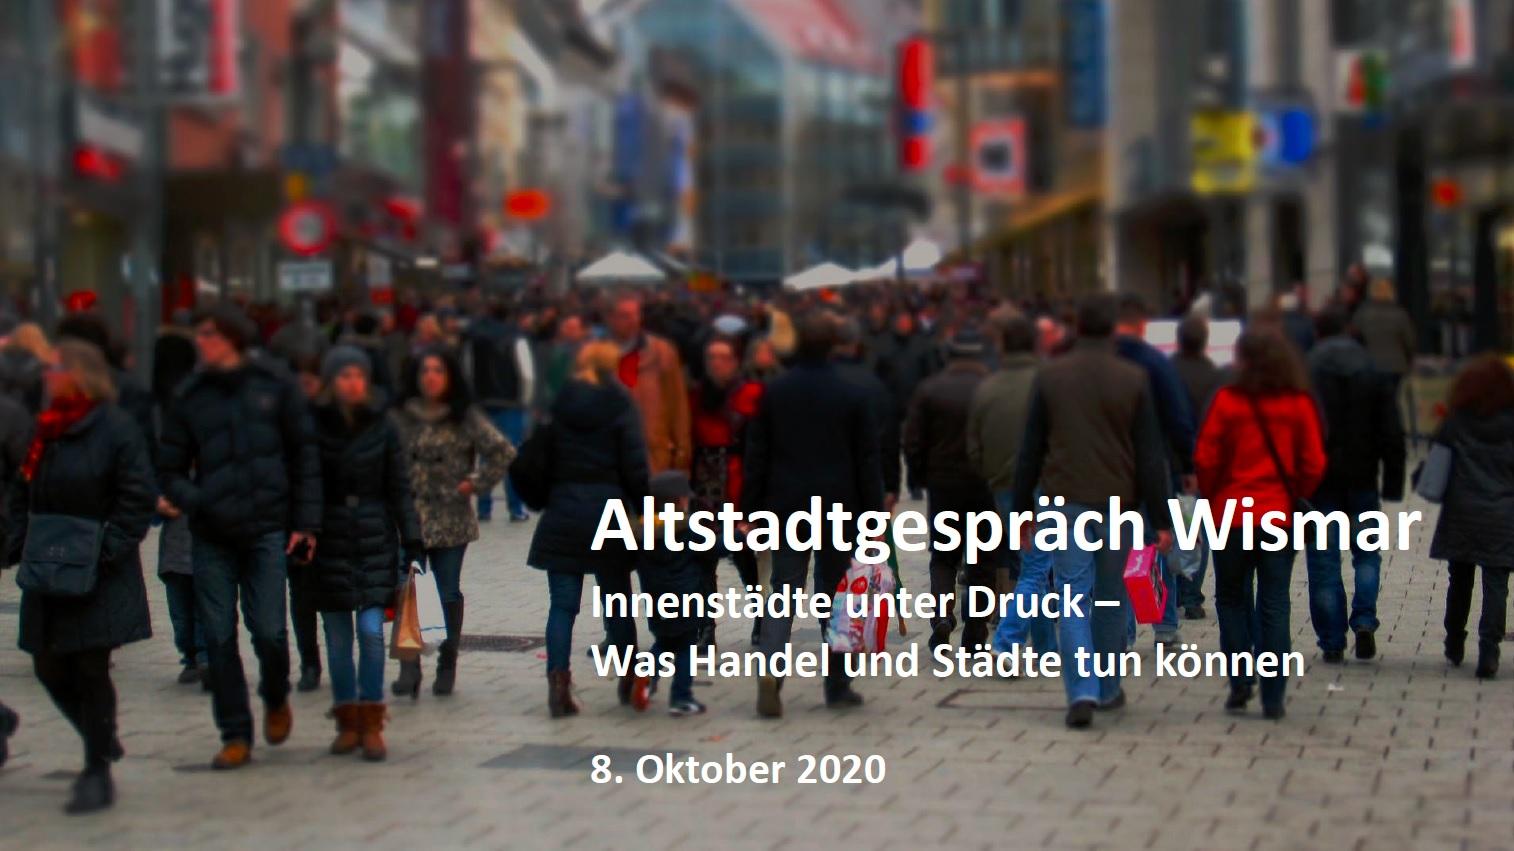 Altstadtgespräch Wismar